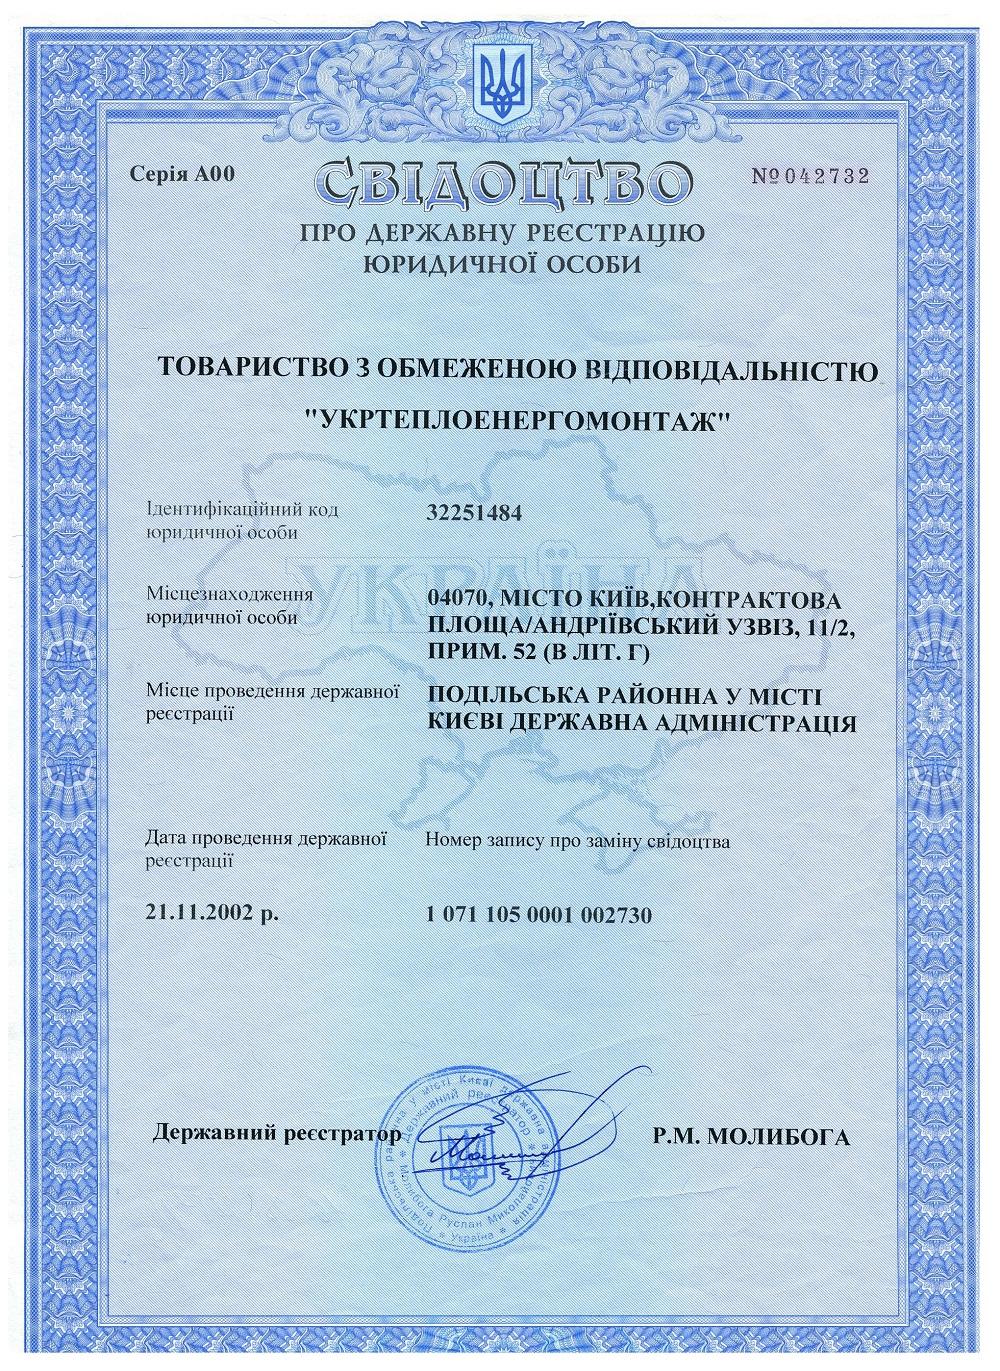 Свидетельство регистрации UTEM